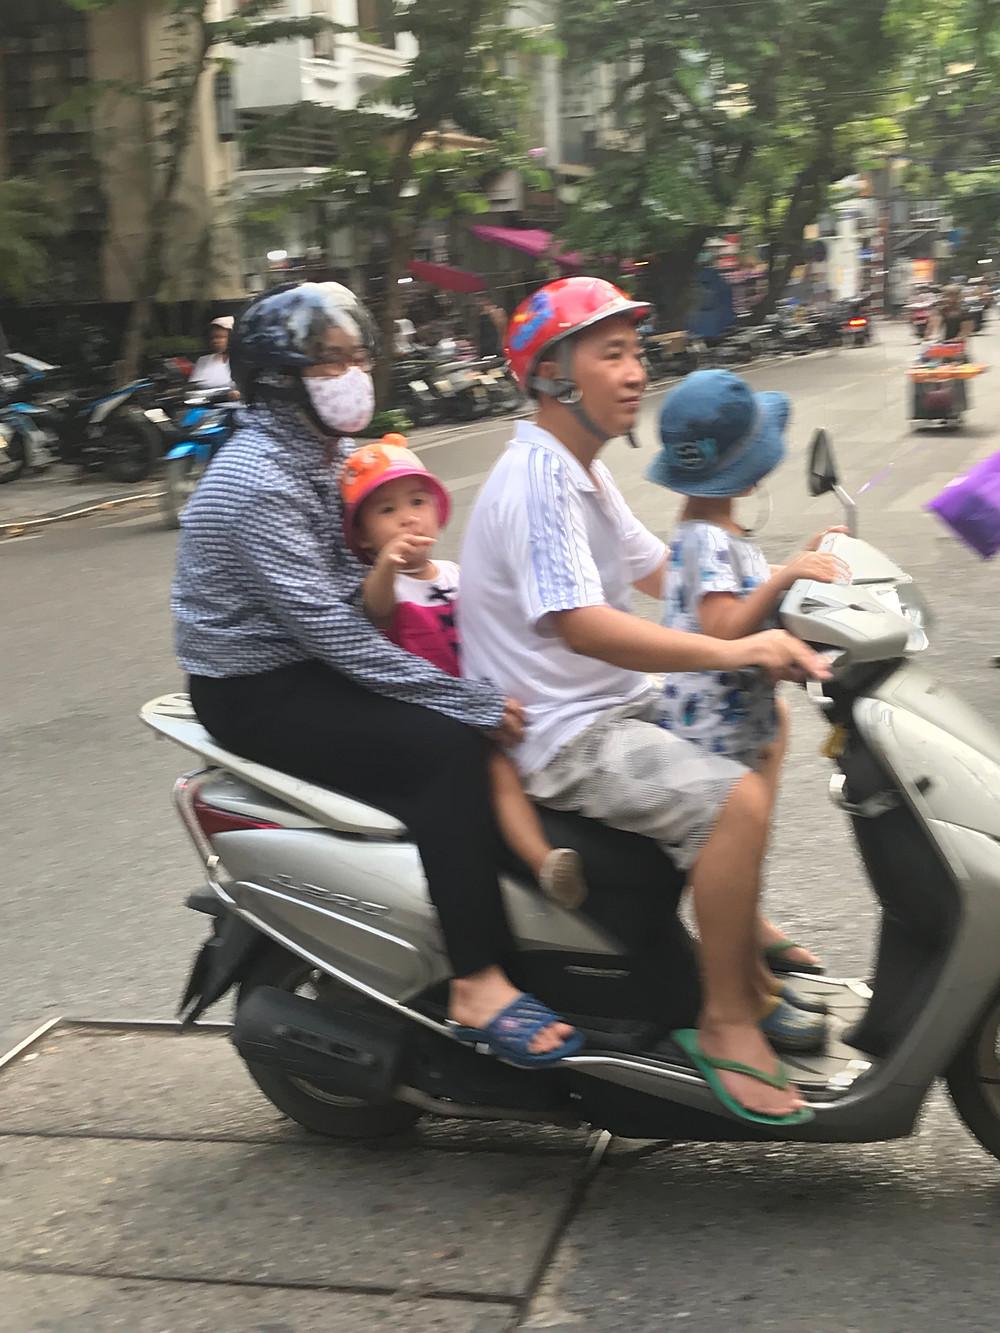 Family on moto in Hanoi, Vietnam